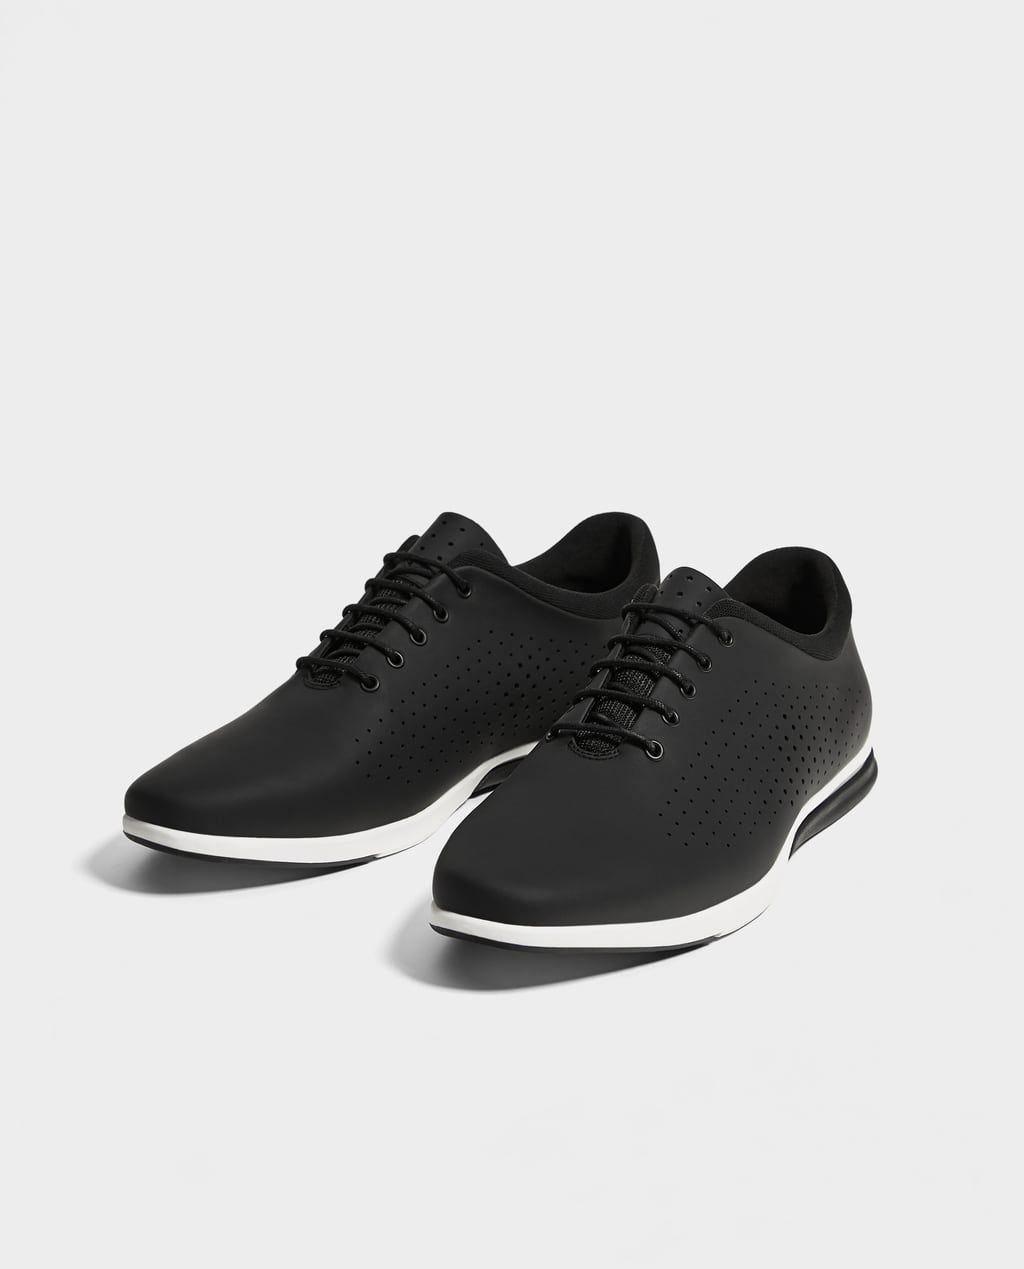 zapatos skechers 2018 negra zara